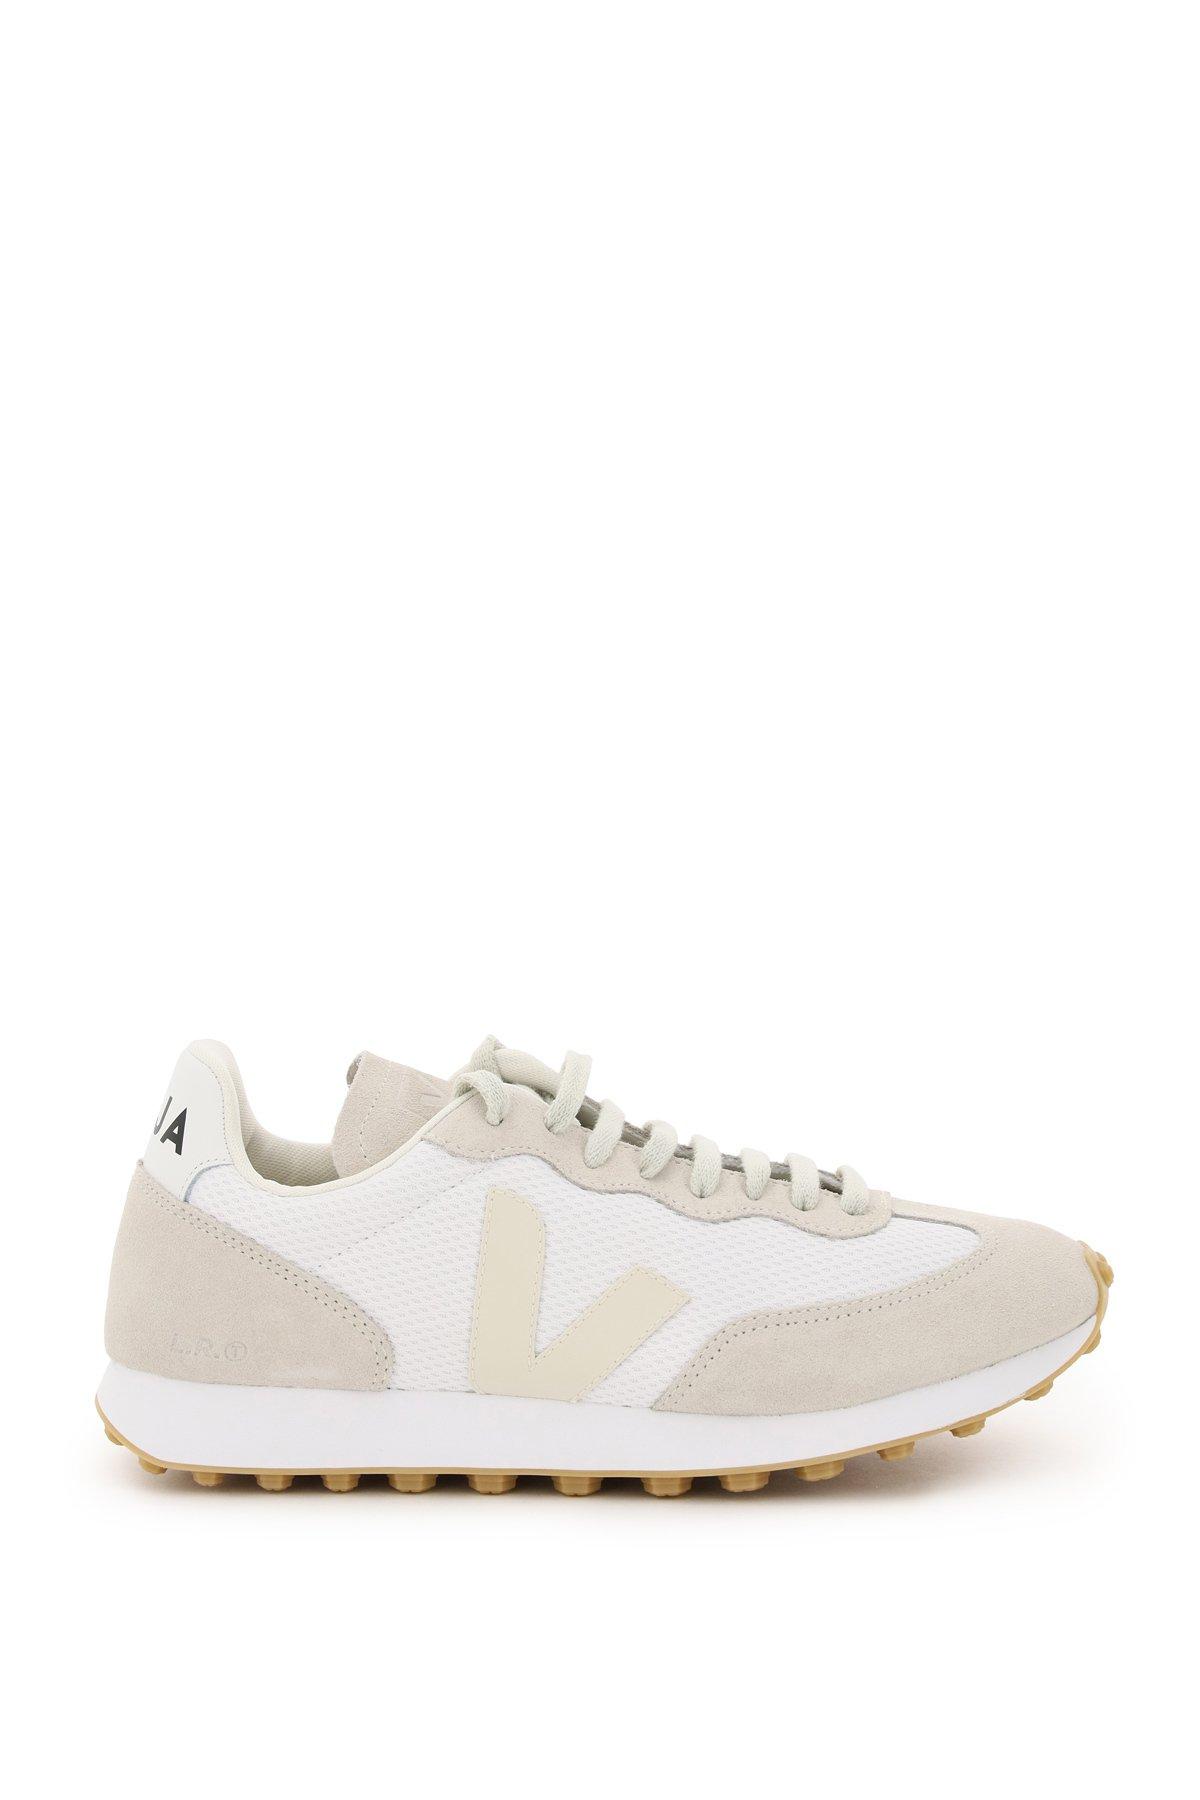 Veja rio branco alveomesh sneakers